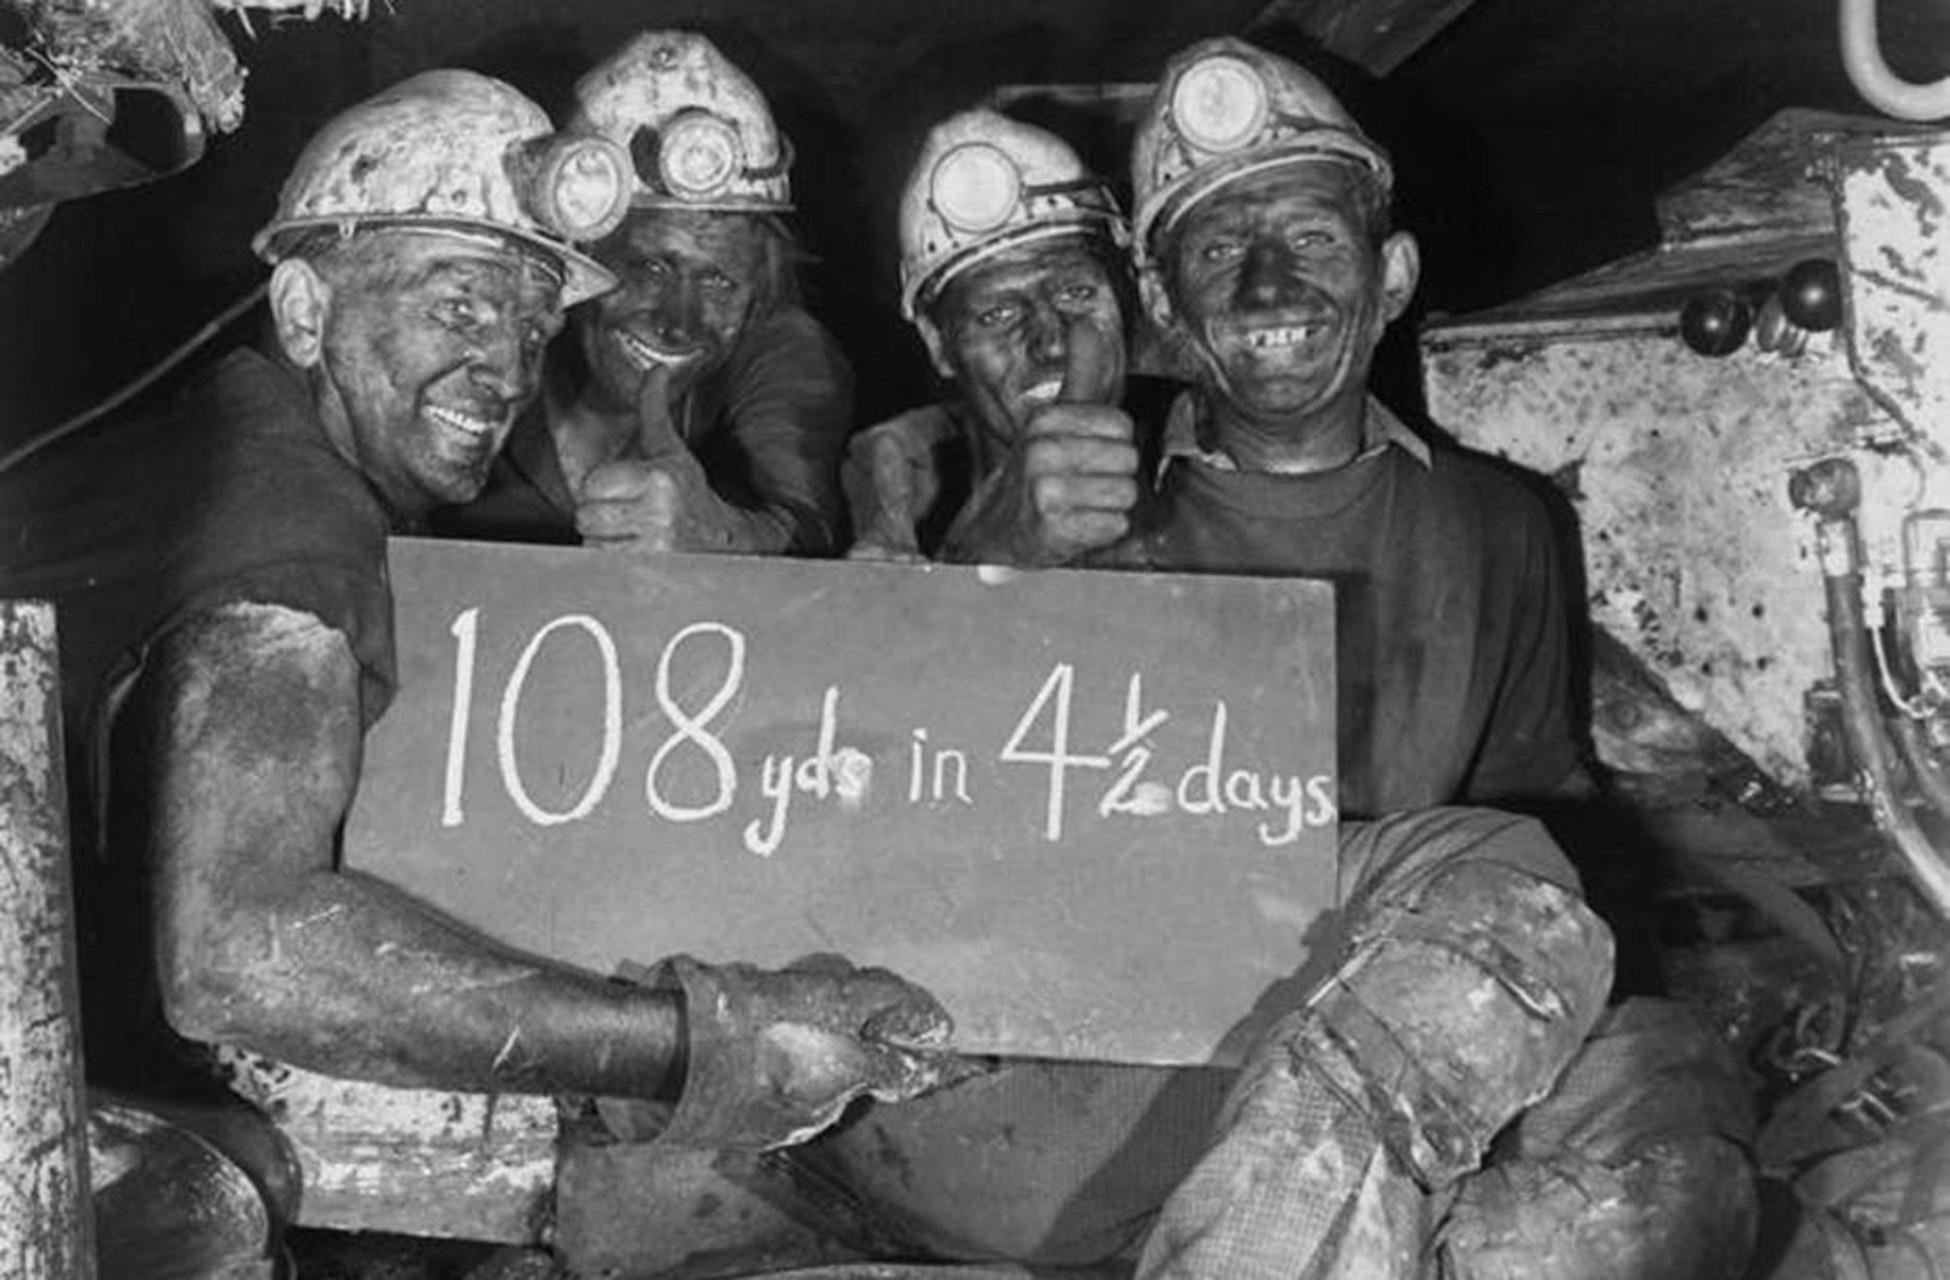 Bersham madeninde çalışan işçileri